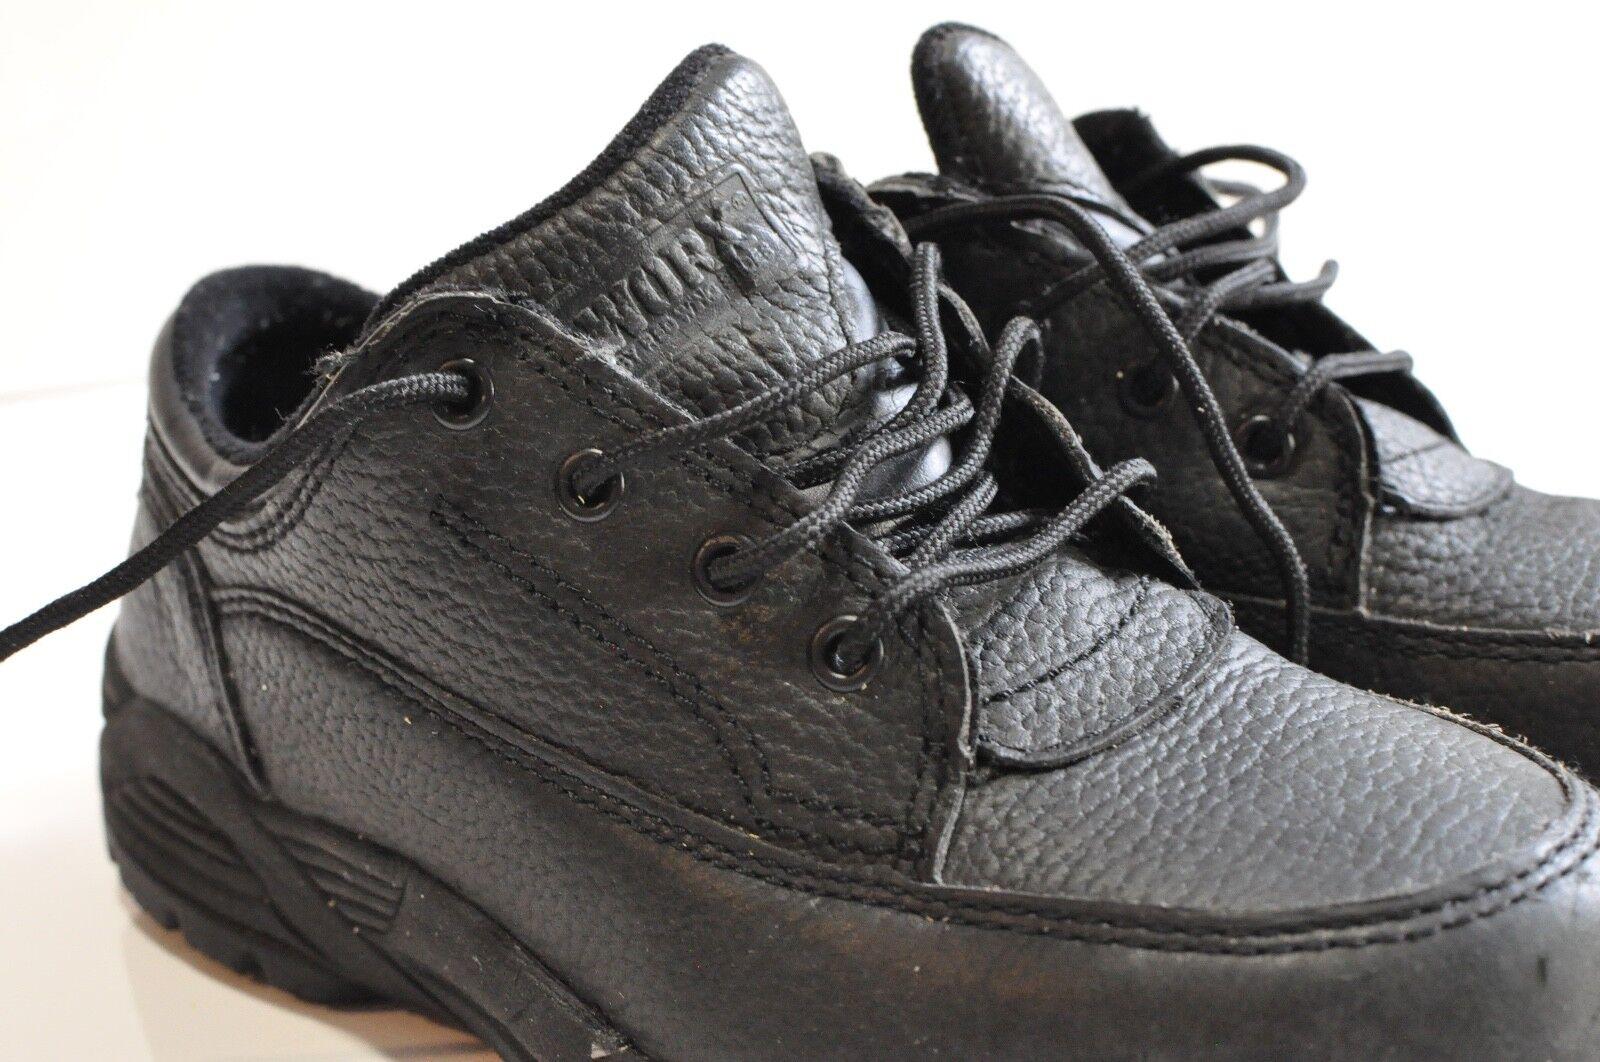 prezzo ragionevole Worx by rosso Wing scarpe scarpe scarpe  5103 donna Dimensione 7  lo stile classico